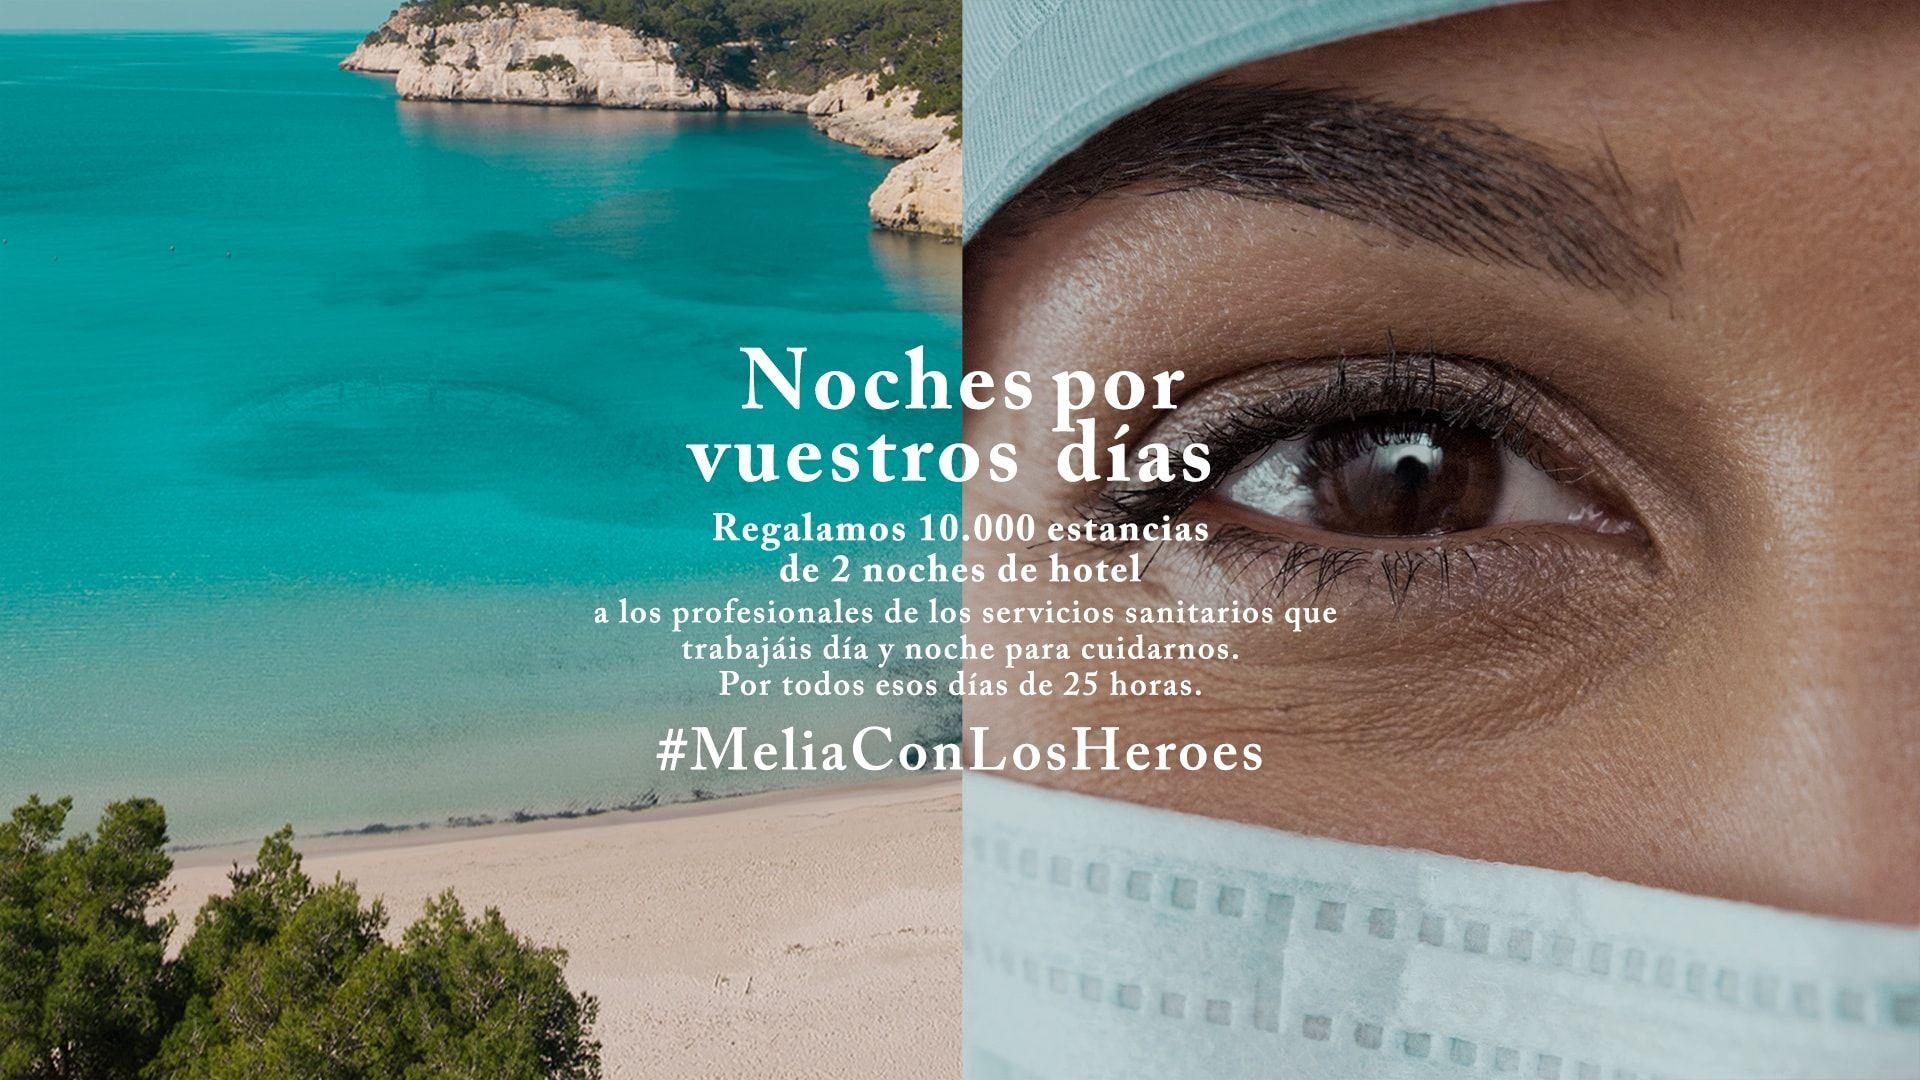 Noches gratis en hoteles Melia, para profesionales de los servicios sanitarios